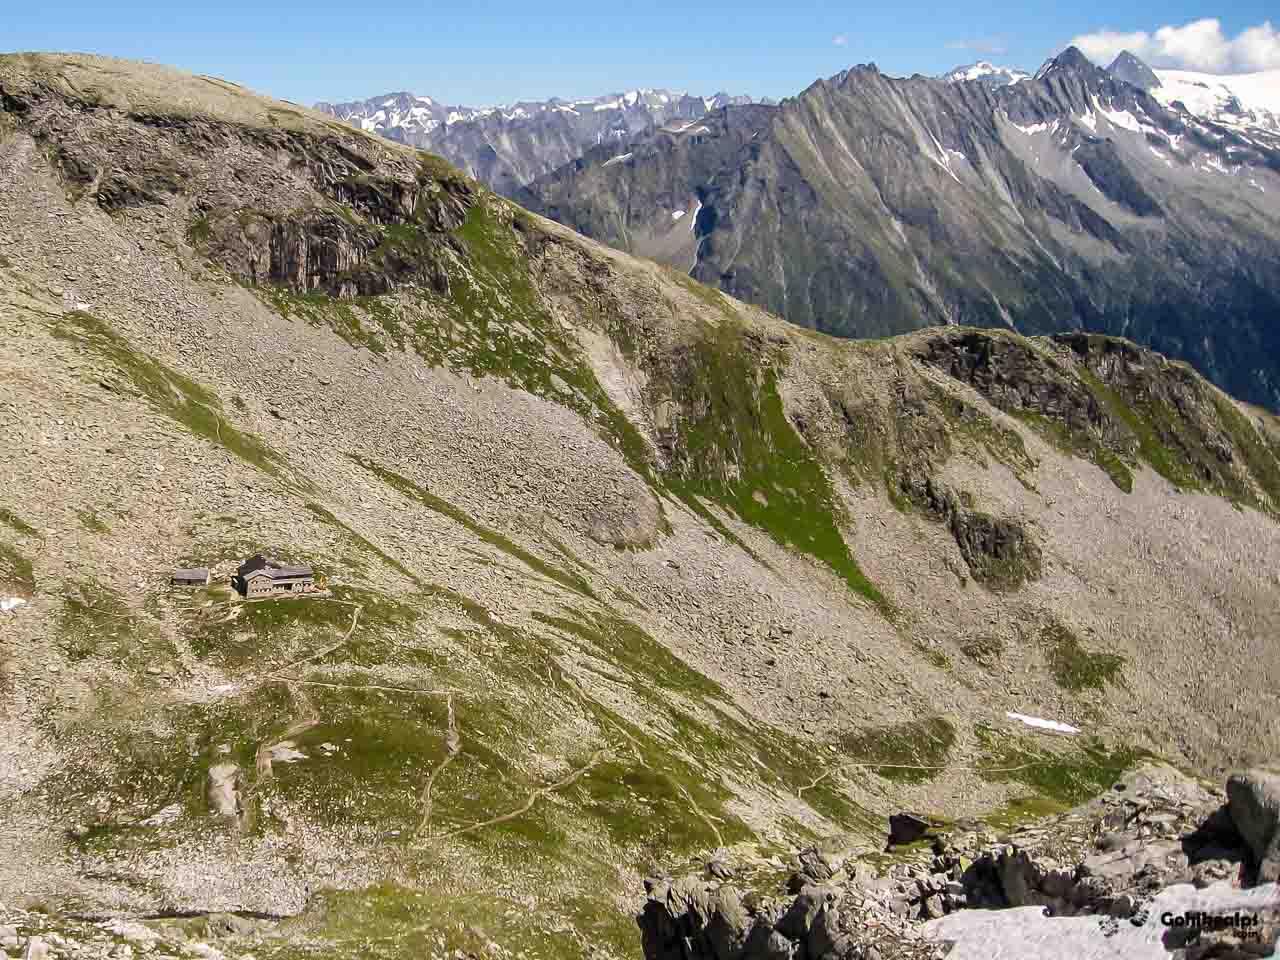 Friesenberghaus and the trail down to Schlegeisspeicher